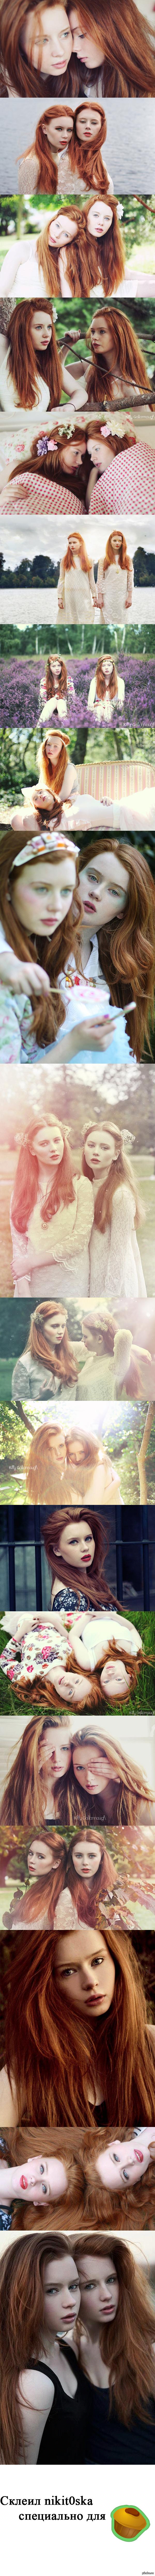 Всем двойного рыжего счастья! Kate & Rachel Roddy  Рыжая, девушки, длиннопост, красивая девушка